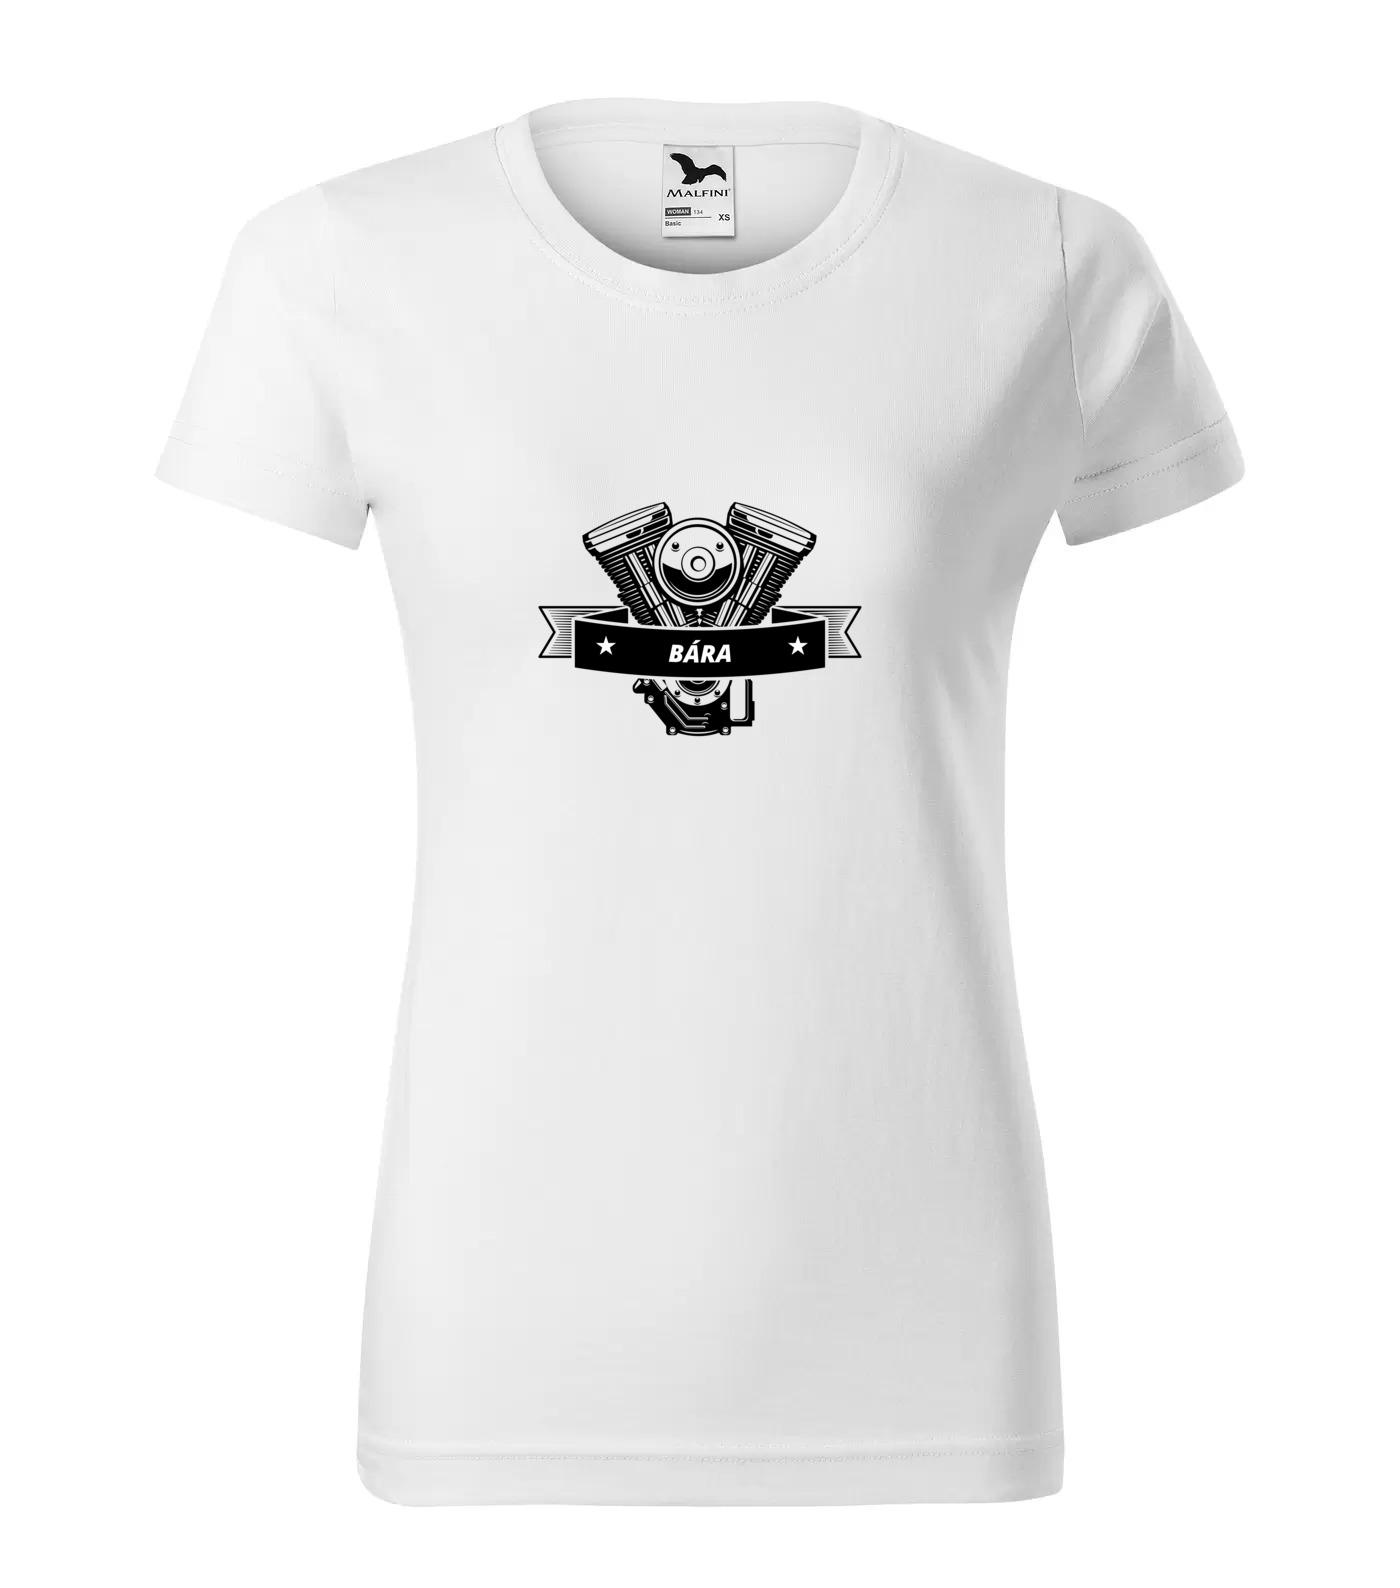 Tričko Motorkářka Bára